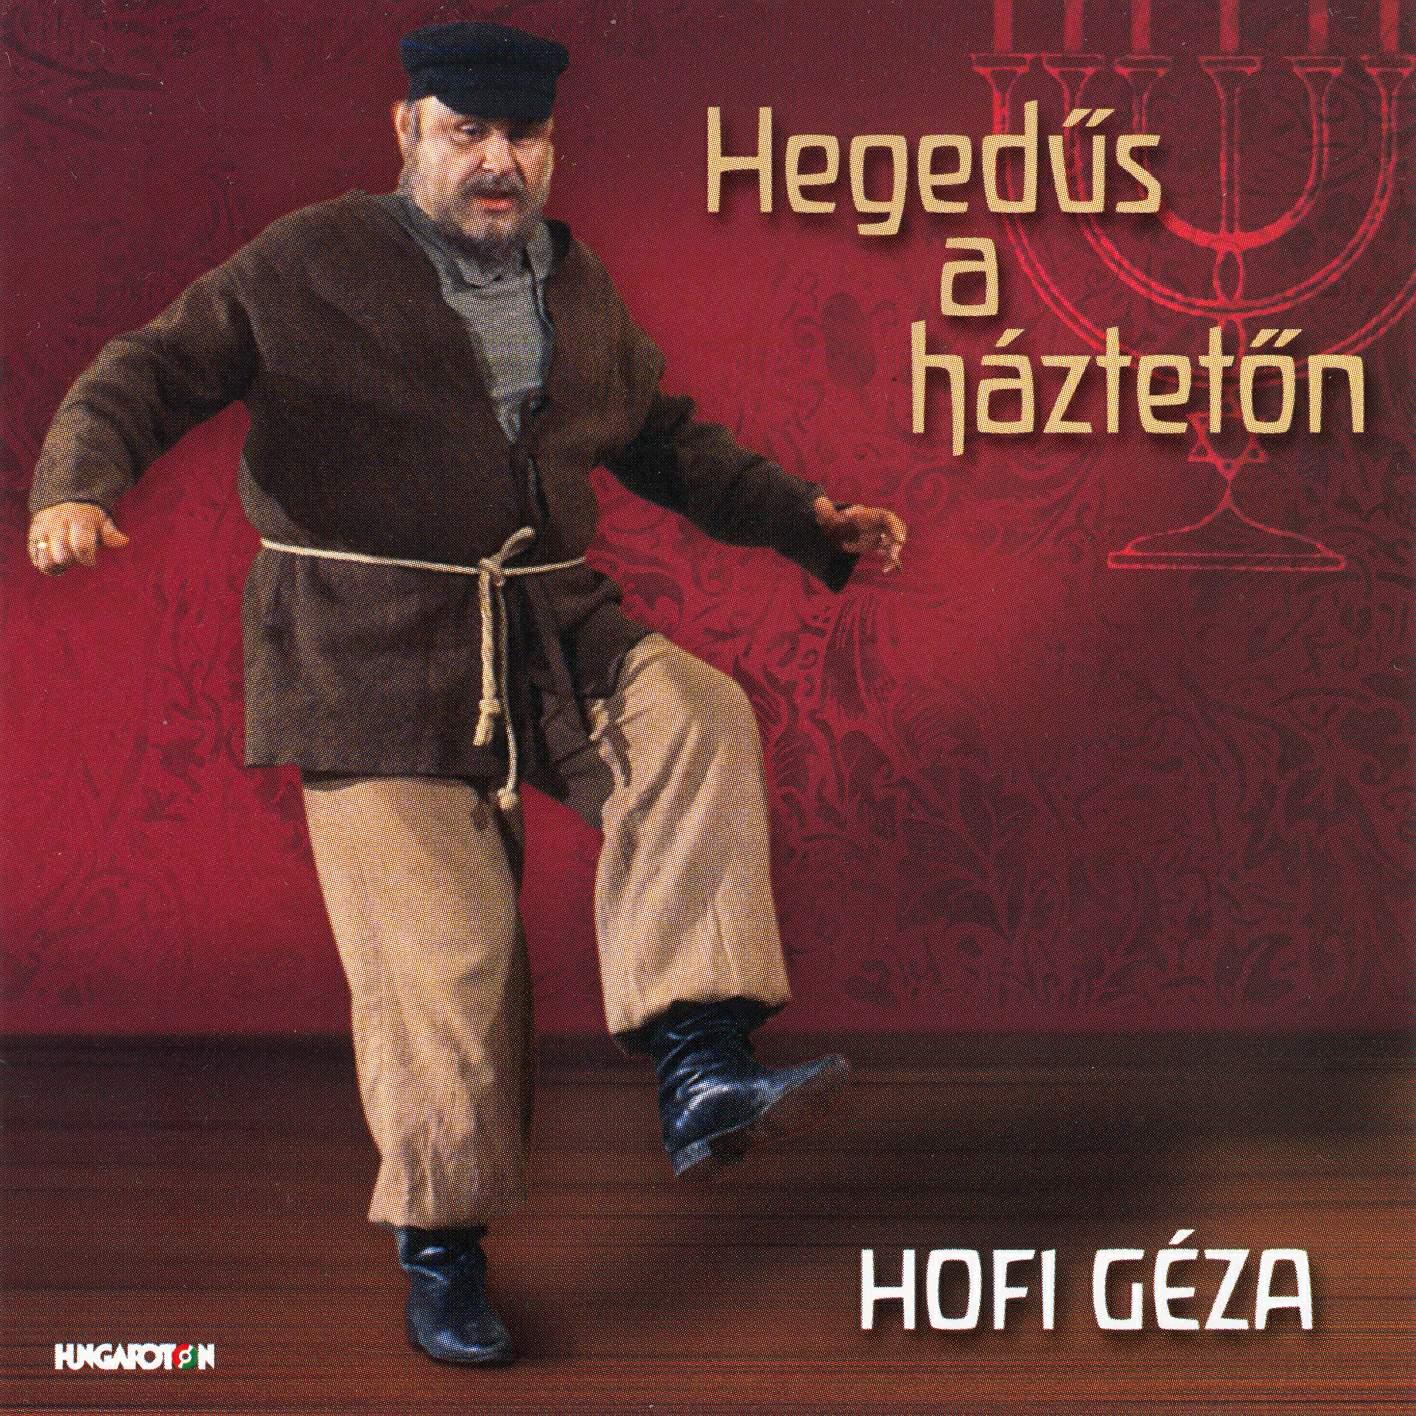 Hofi Géza Hegedűs a háztetőn